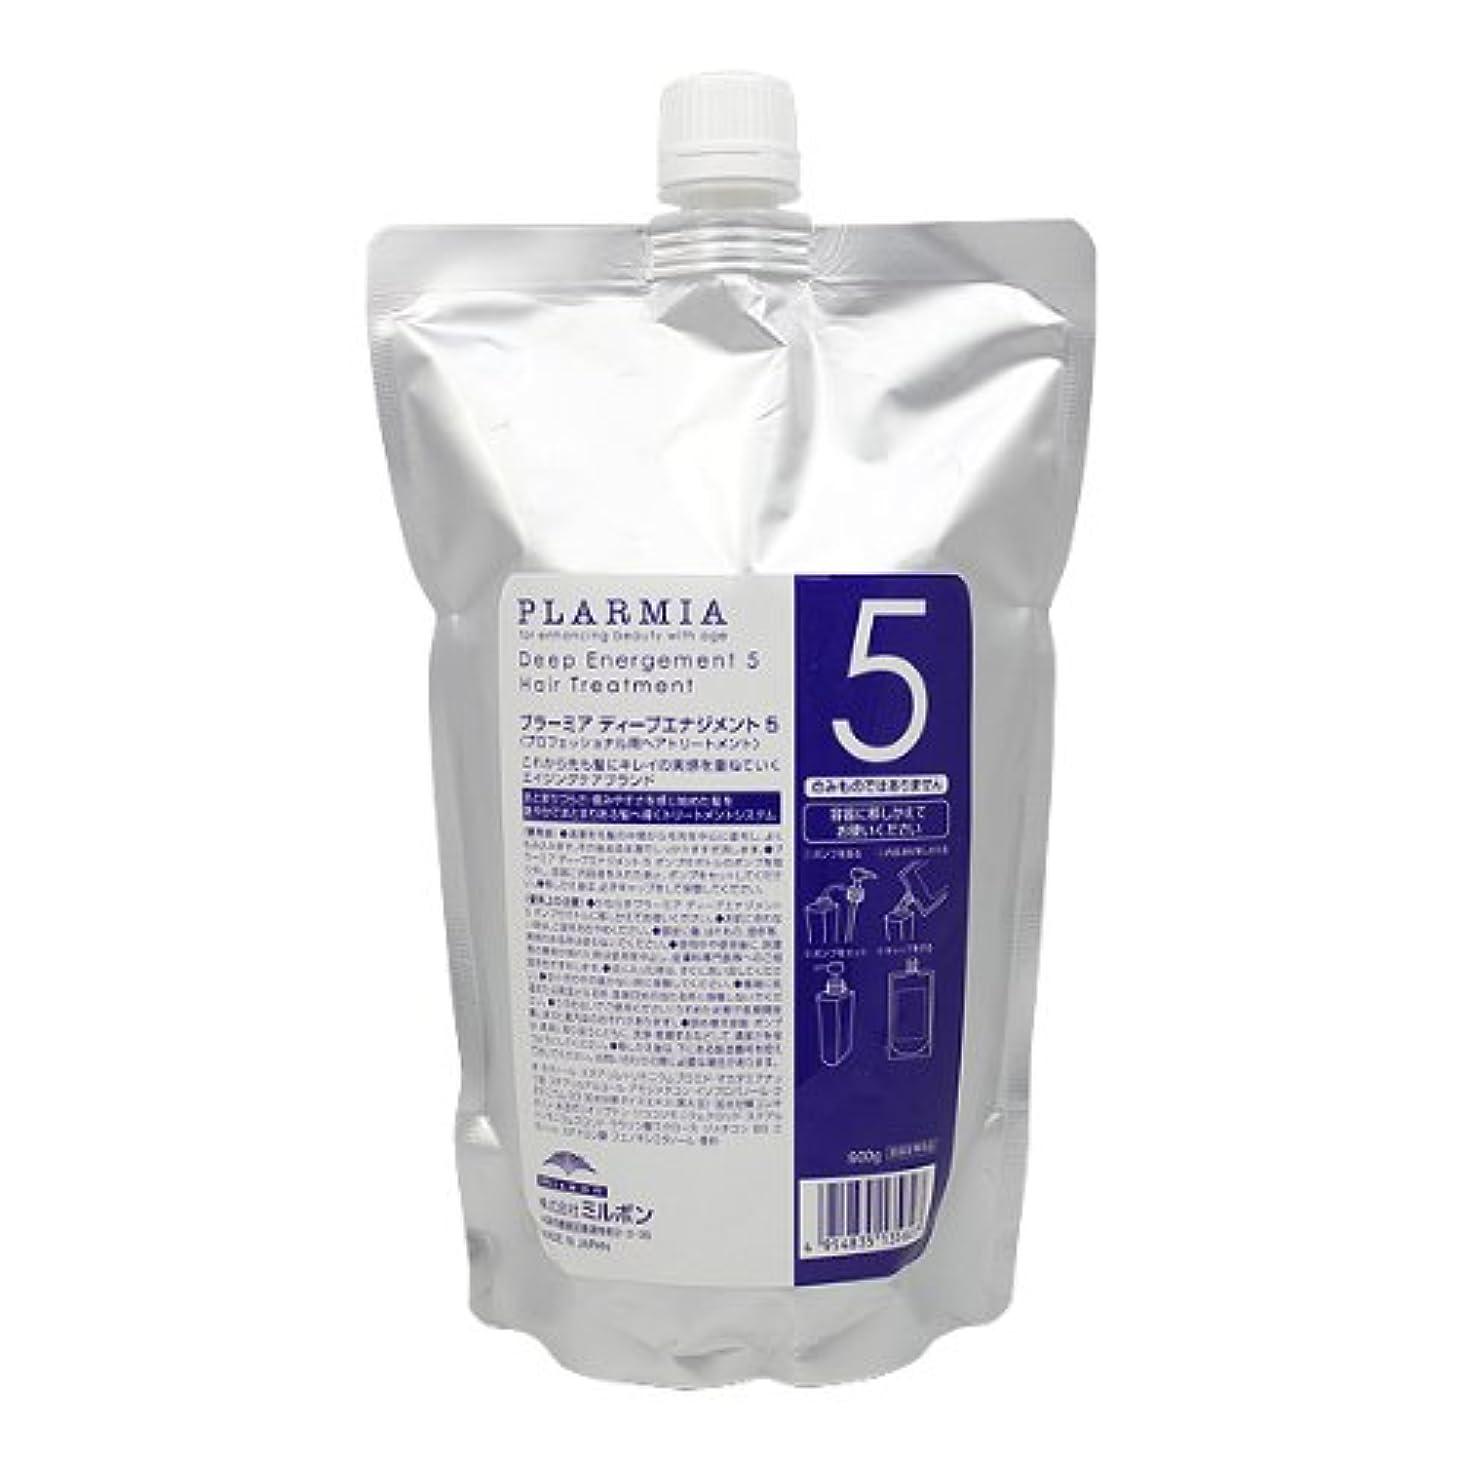 方法予備レルムミルボン プラーミア ディープエナジメント5 詰替用 600g 詰替え用(レフィル)